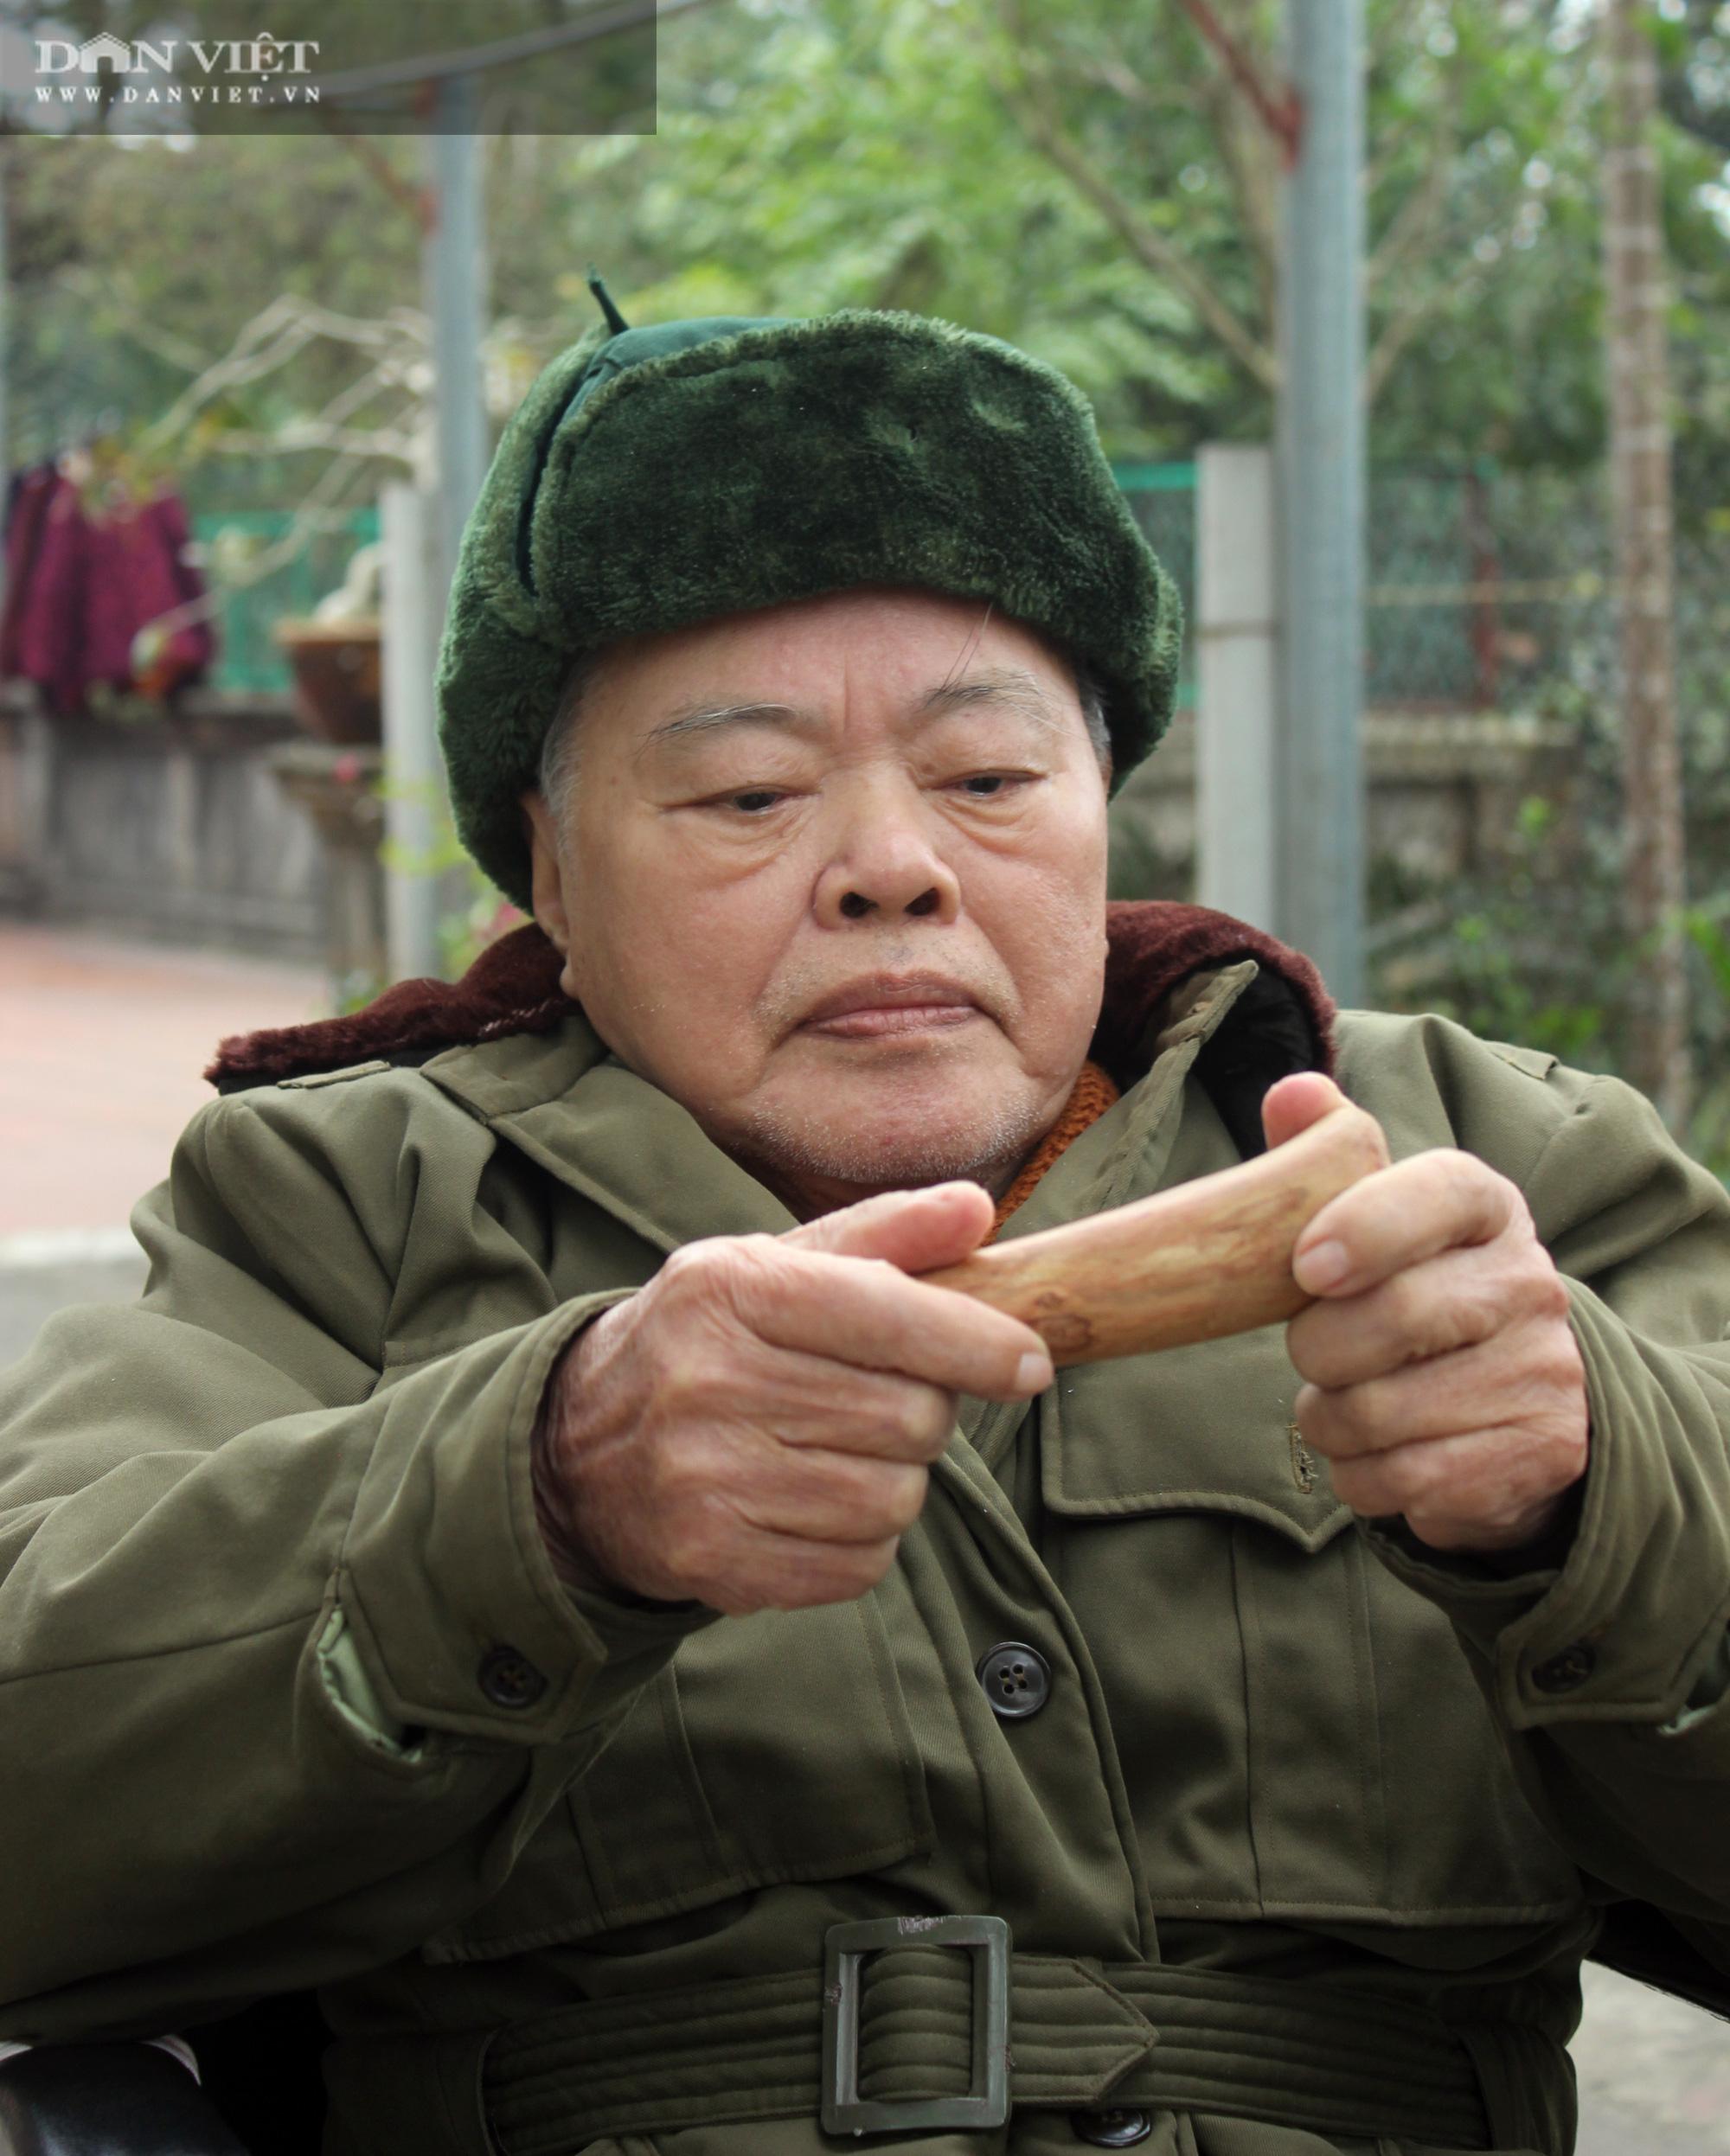 Phú Thọ : Choáng ngợp với thủ phủ sưa đỏ, ra đường gặp tỷ phú - Ảnh 2.